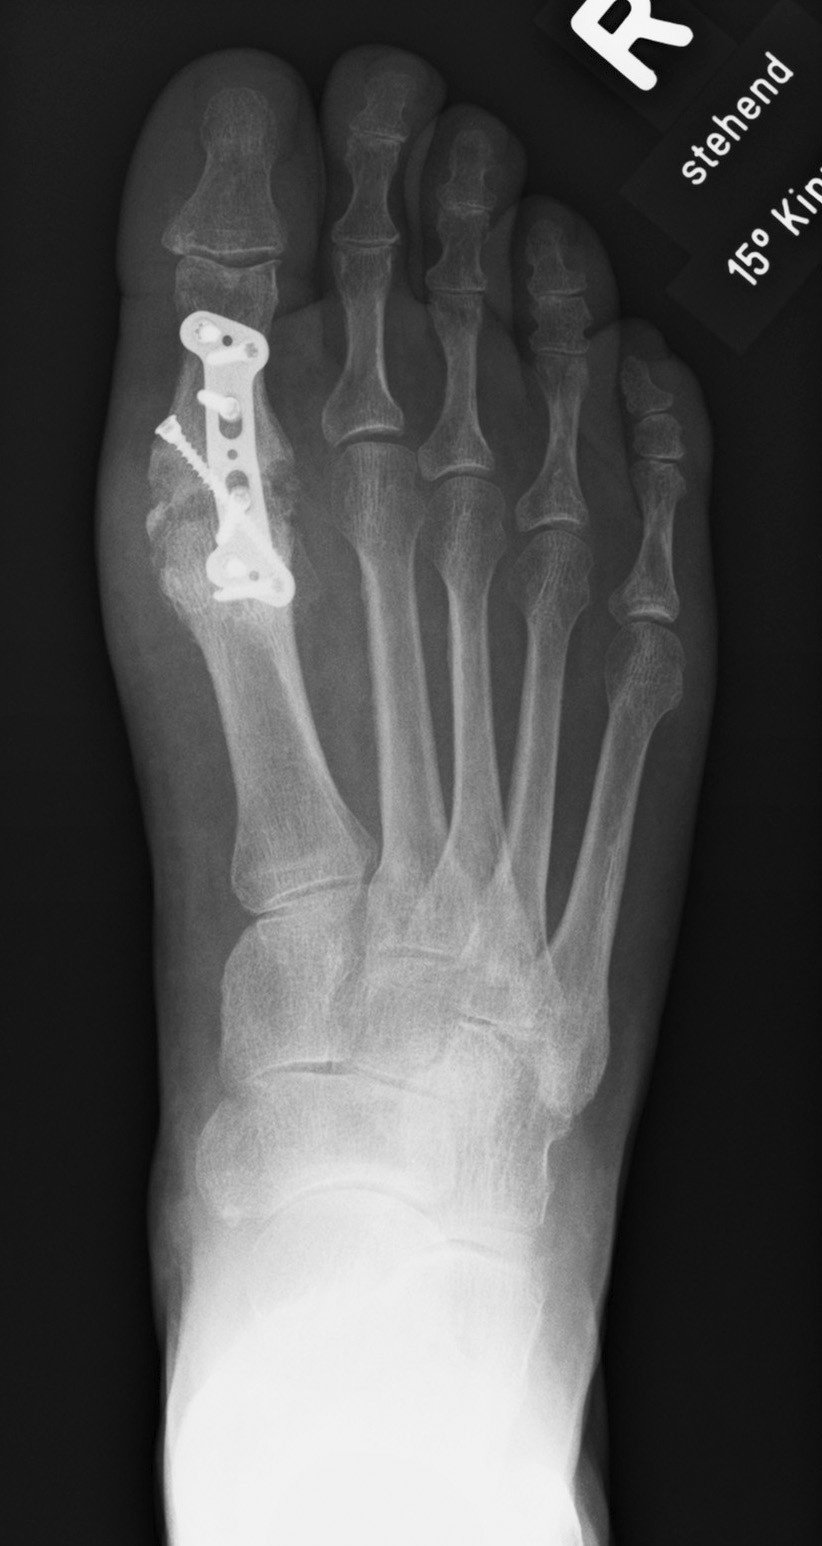 Röntgenbild nach Versteifung des verschlissenen Großzehengrundgelenks